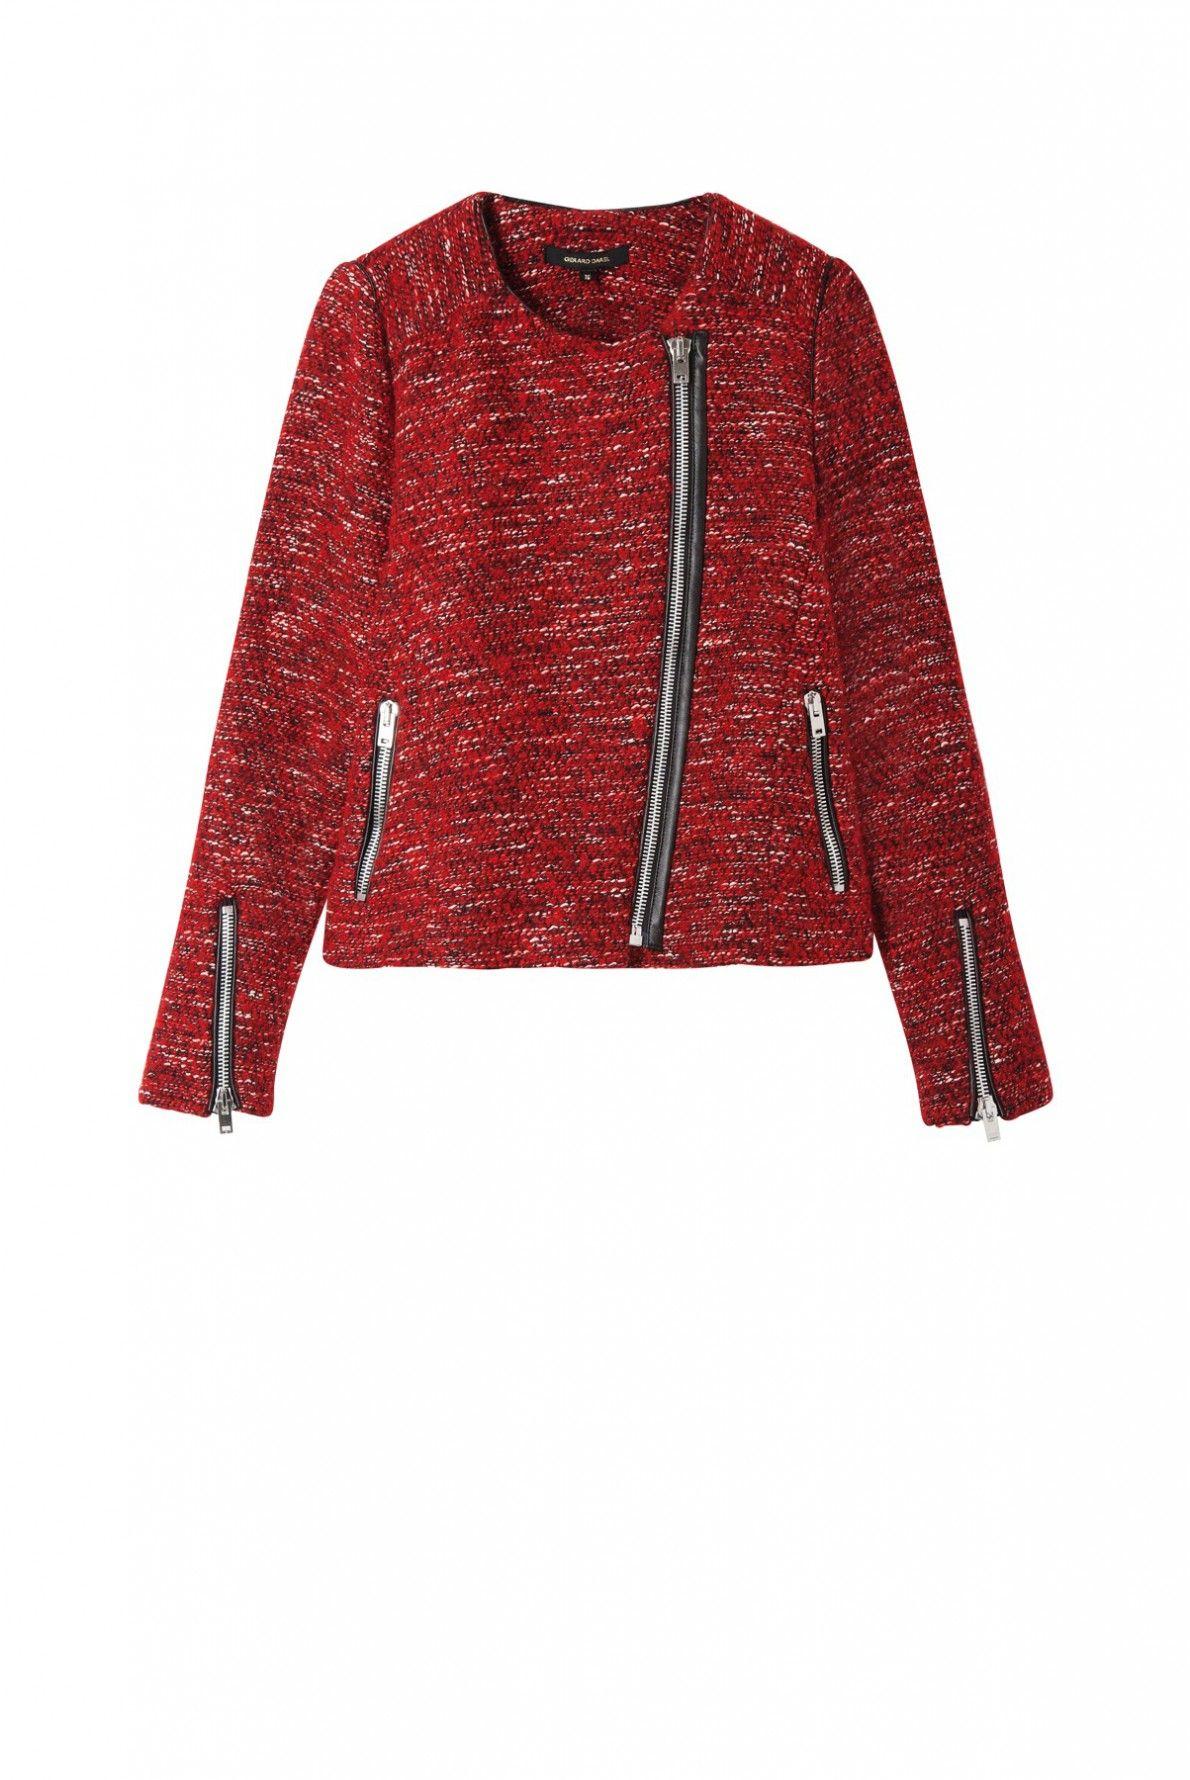 Jacket rouge, vega | gerard darel